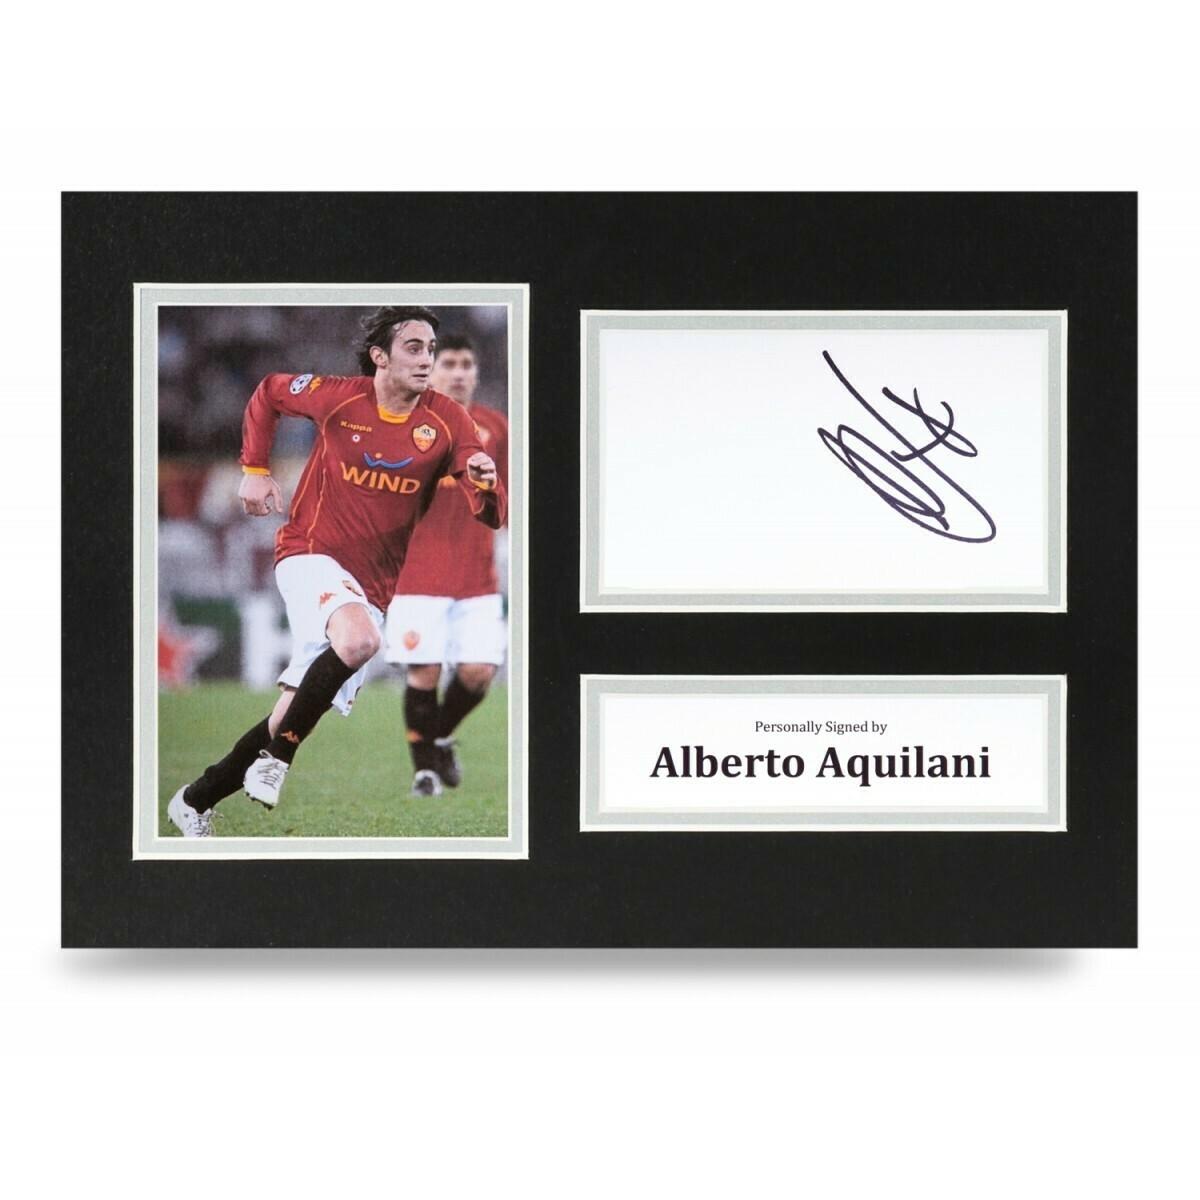 ALBERTO AQUILANI  DISPLAY  AUTOGRAFATA SIGNED AUTOGRAPH SIGNED ALBERTO AQUILANI PHOTO SIGNED ROMA Formato A4